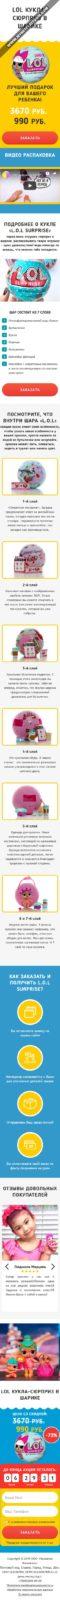 Скриншот Готового лендинга LOL кукла-сюрприз в шарике 001 - моб